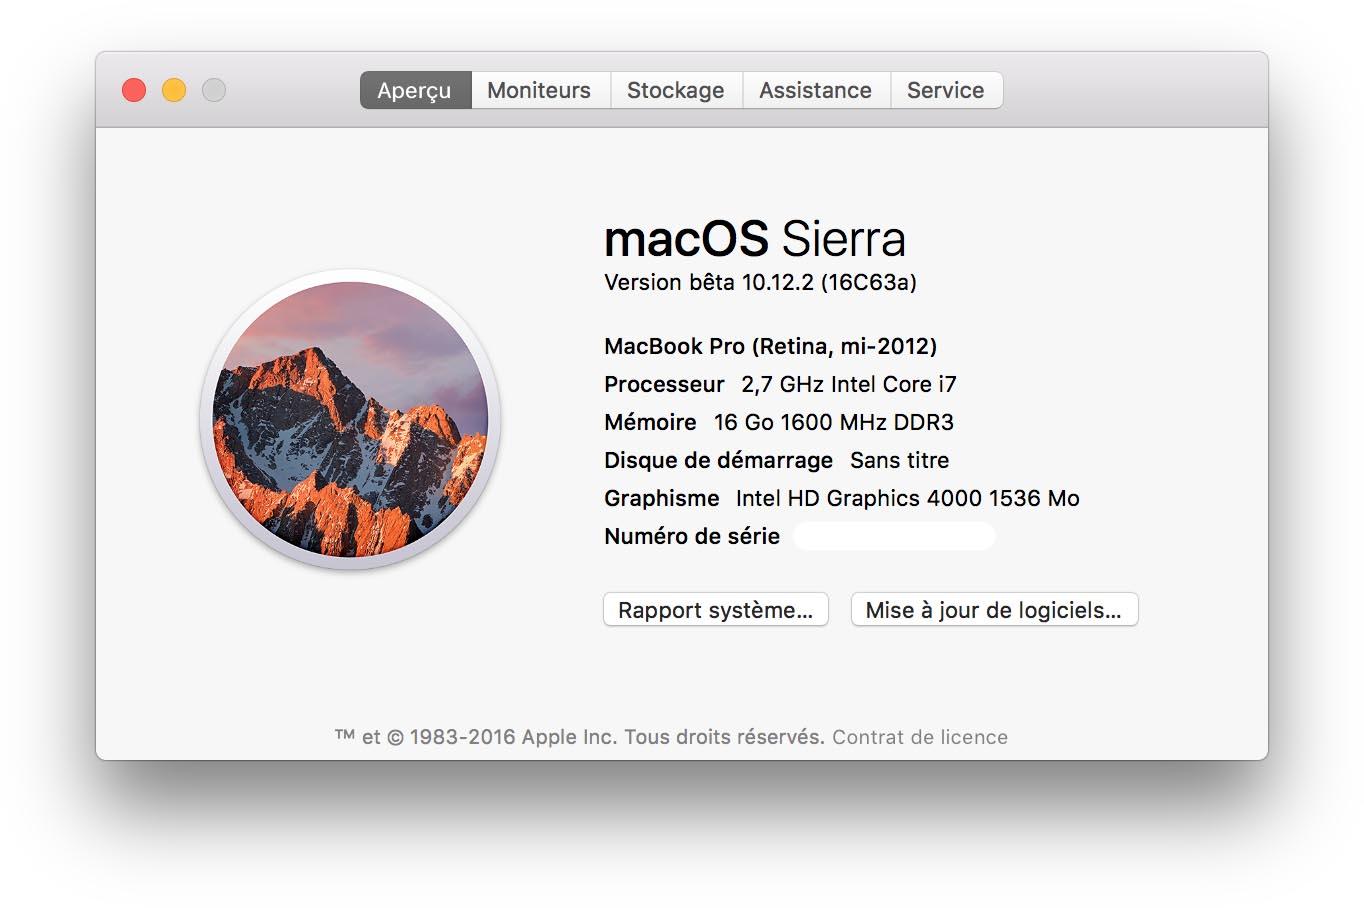 macOS 10.12.2 beta